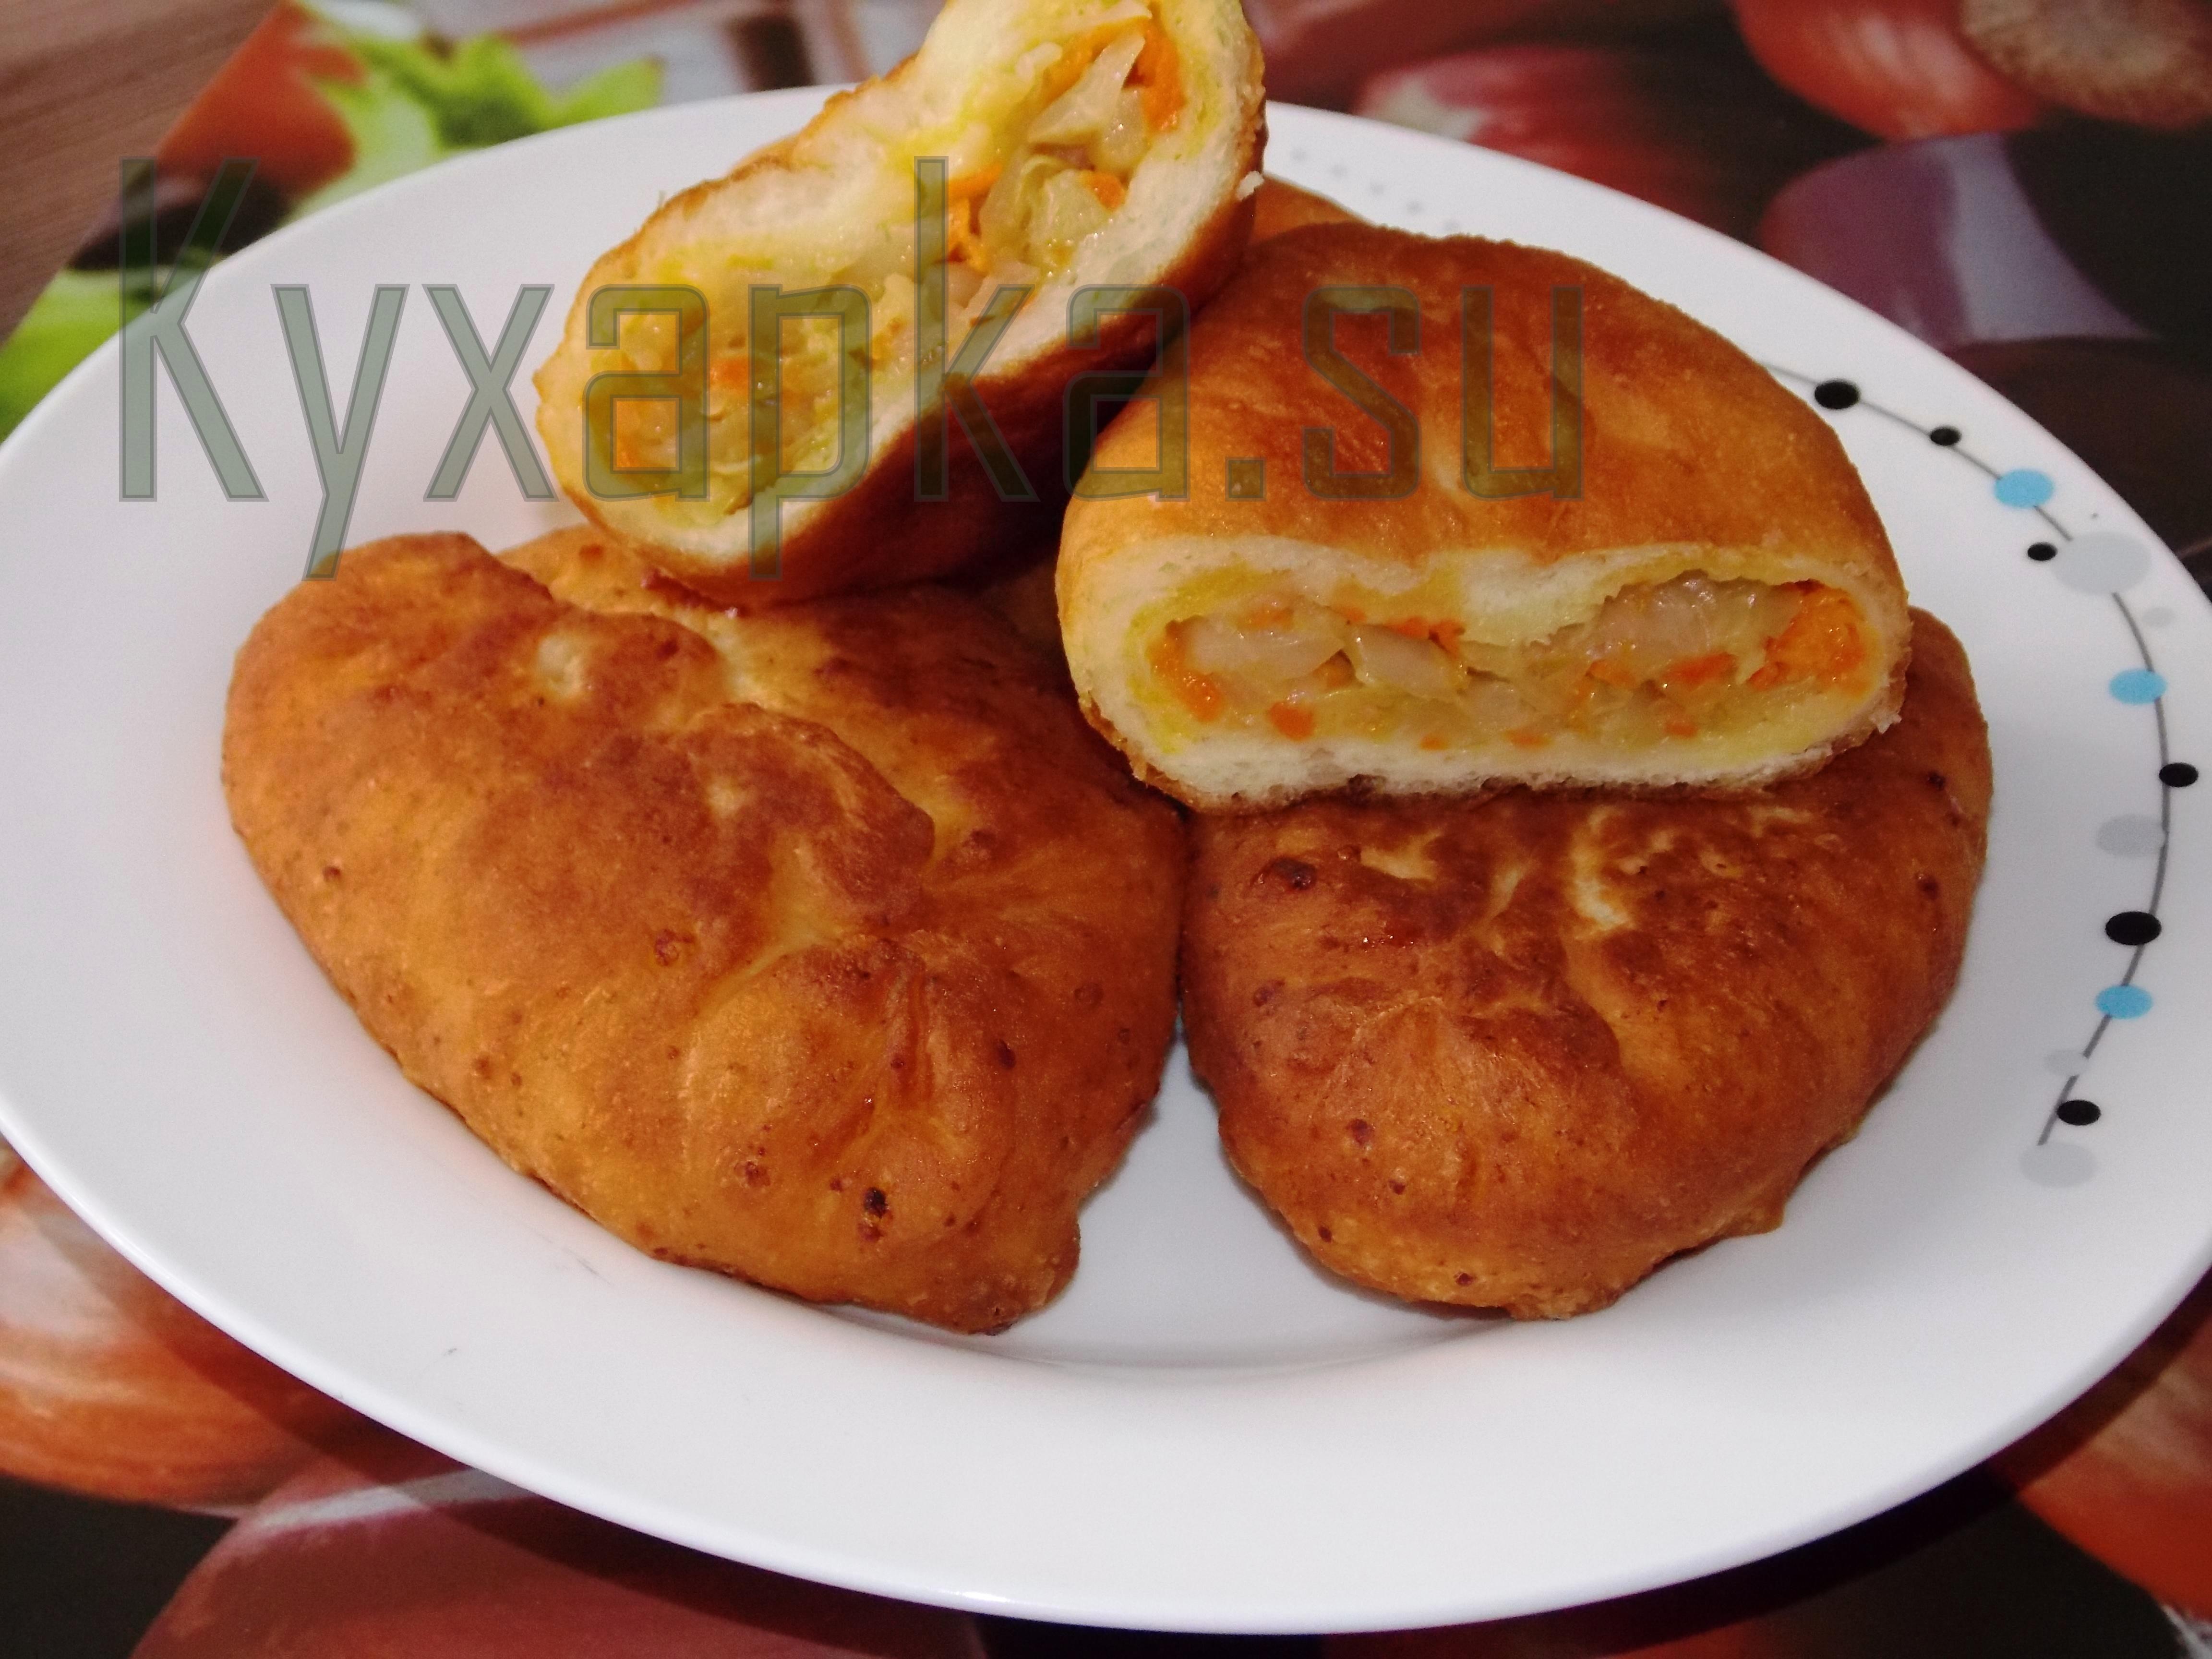 Жареные пирожки с капустой фото kyxapka.su